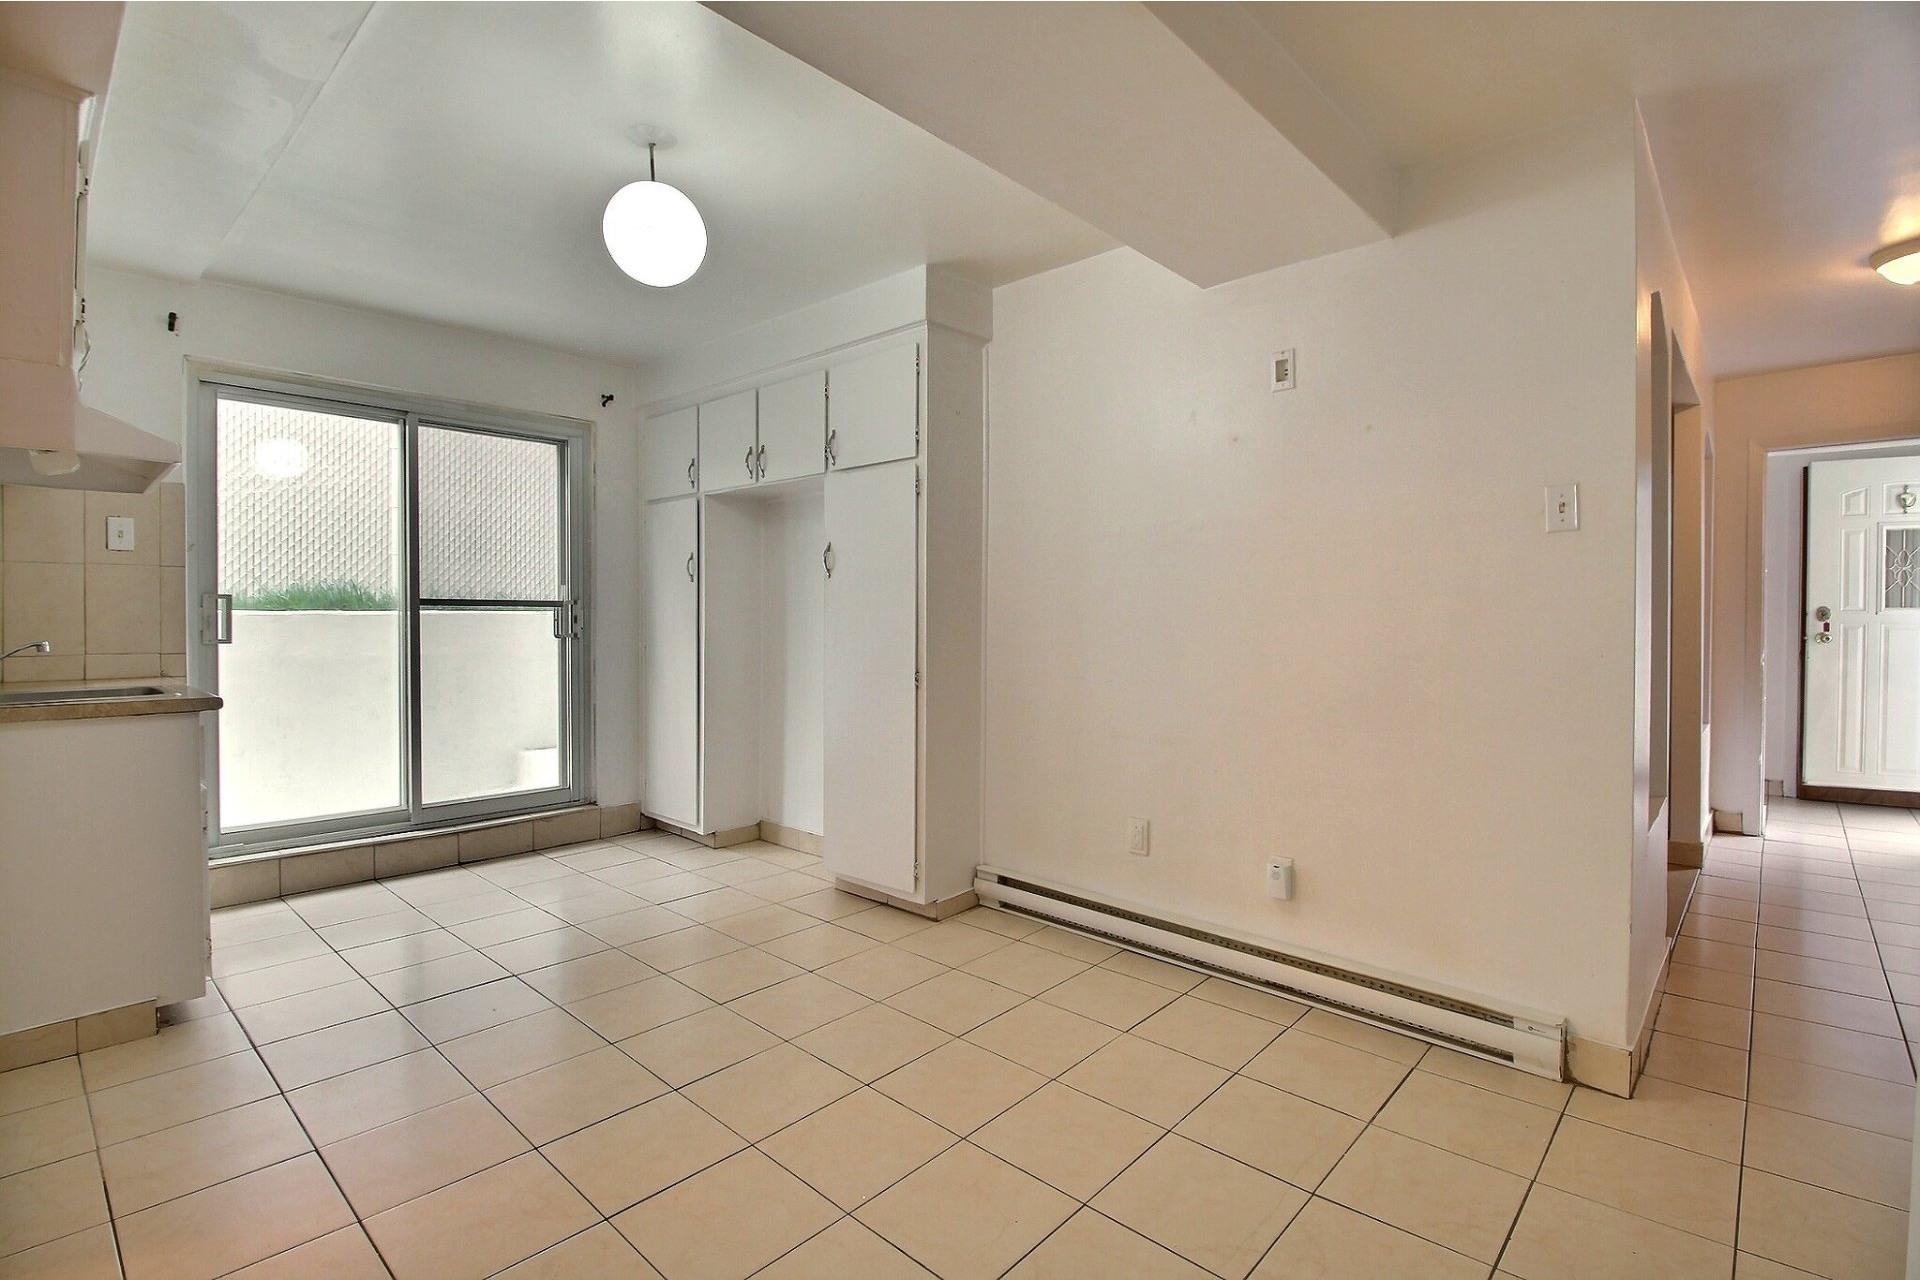 image 7 - Apartment For rent Saint-Léonard Montréal  - 4 rooms